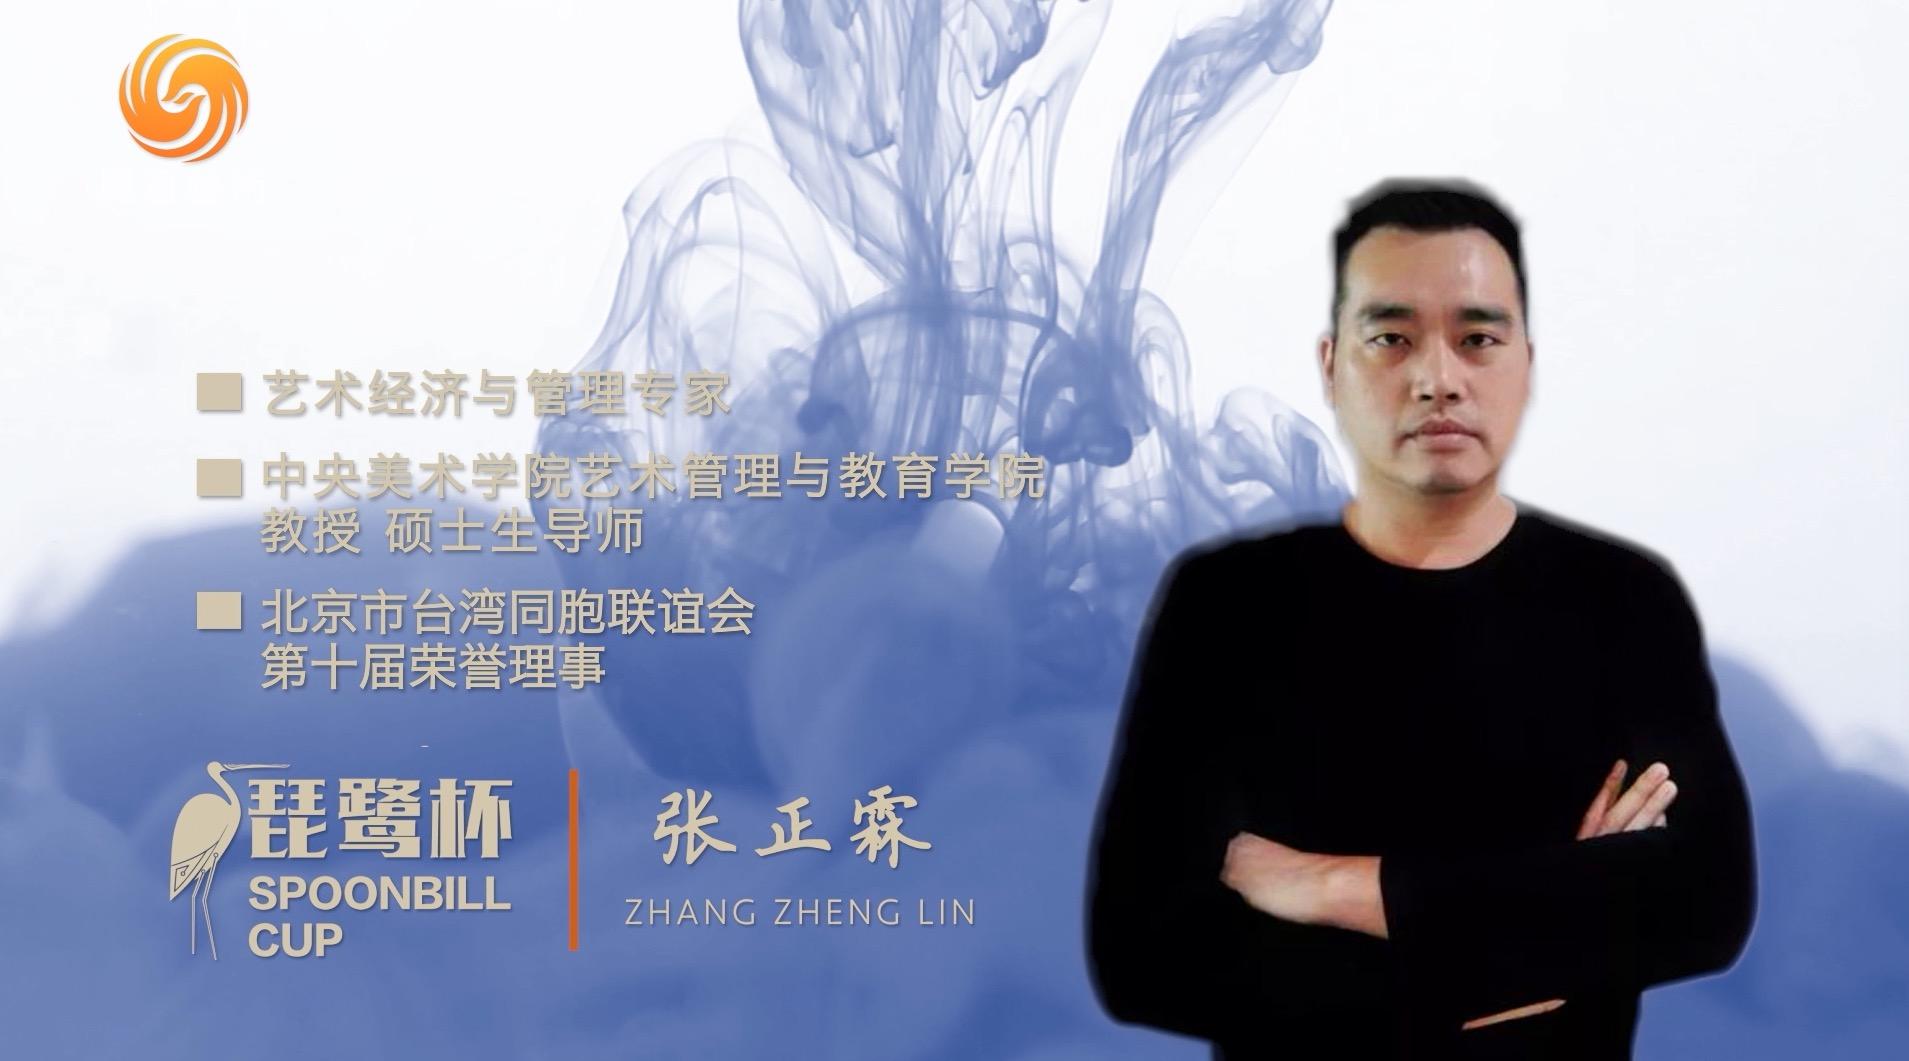 """第二届深圳""""琵鹭杯""""丨演讲嘉宾 张正霖"""